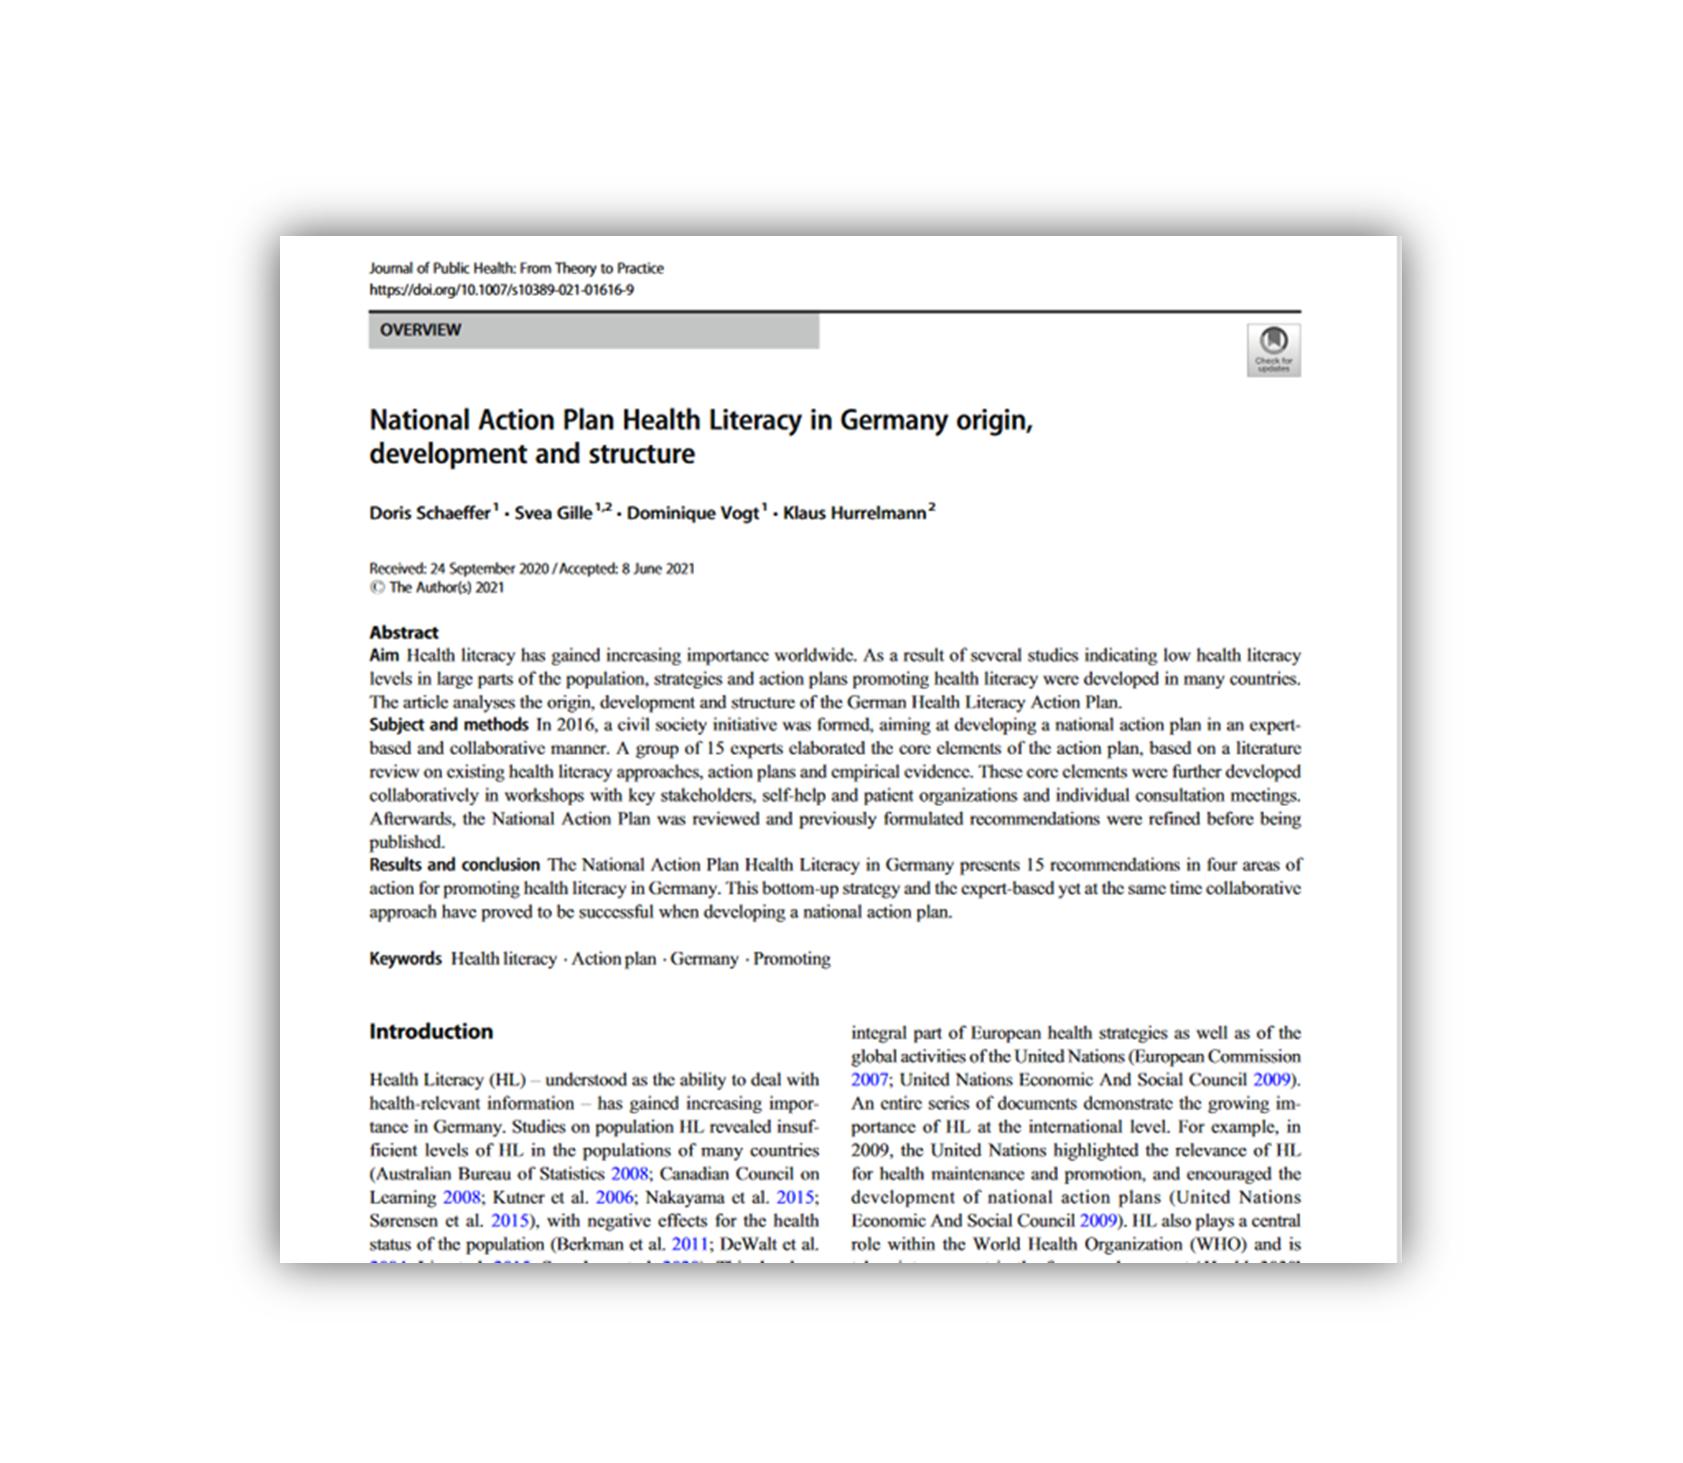 Artikel zur Entstehung, Entwicklung und Struktur des Nationalen Aktionsplans